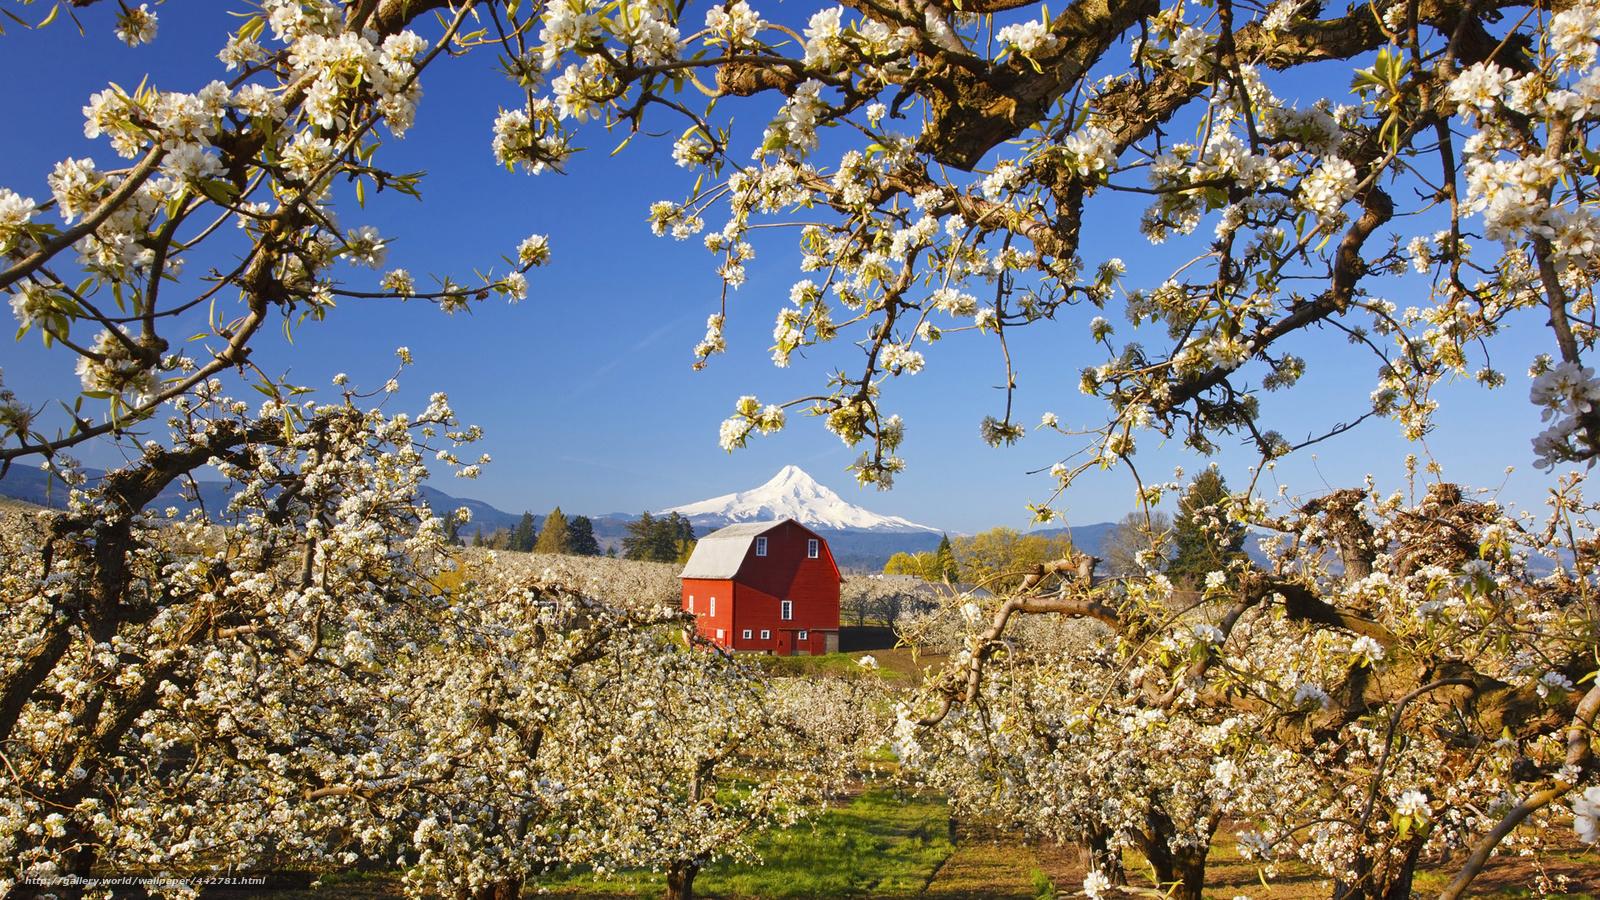 Яблони дом пейзаж гора сад деревья